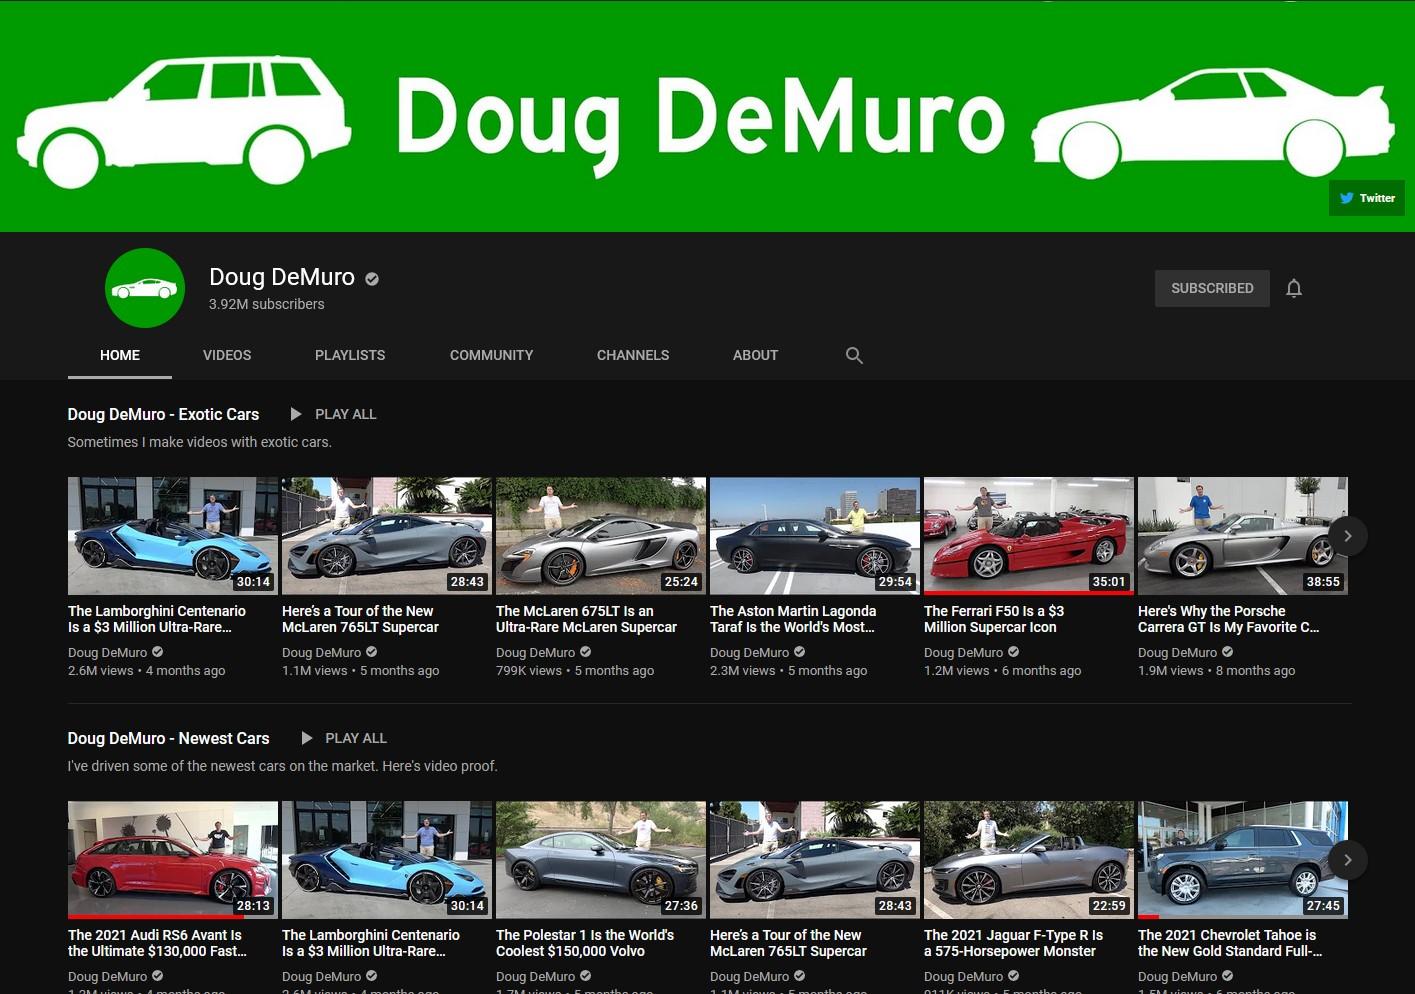 DougDemuro